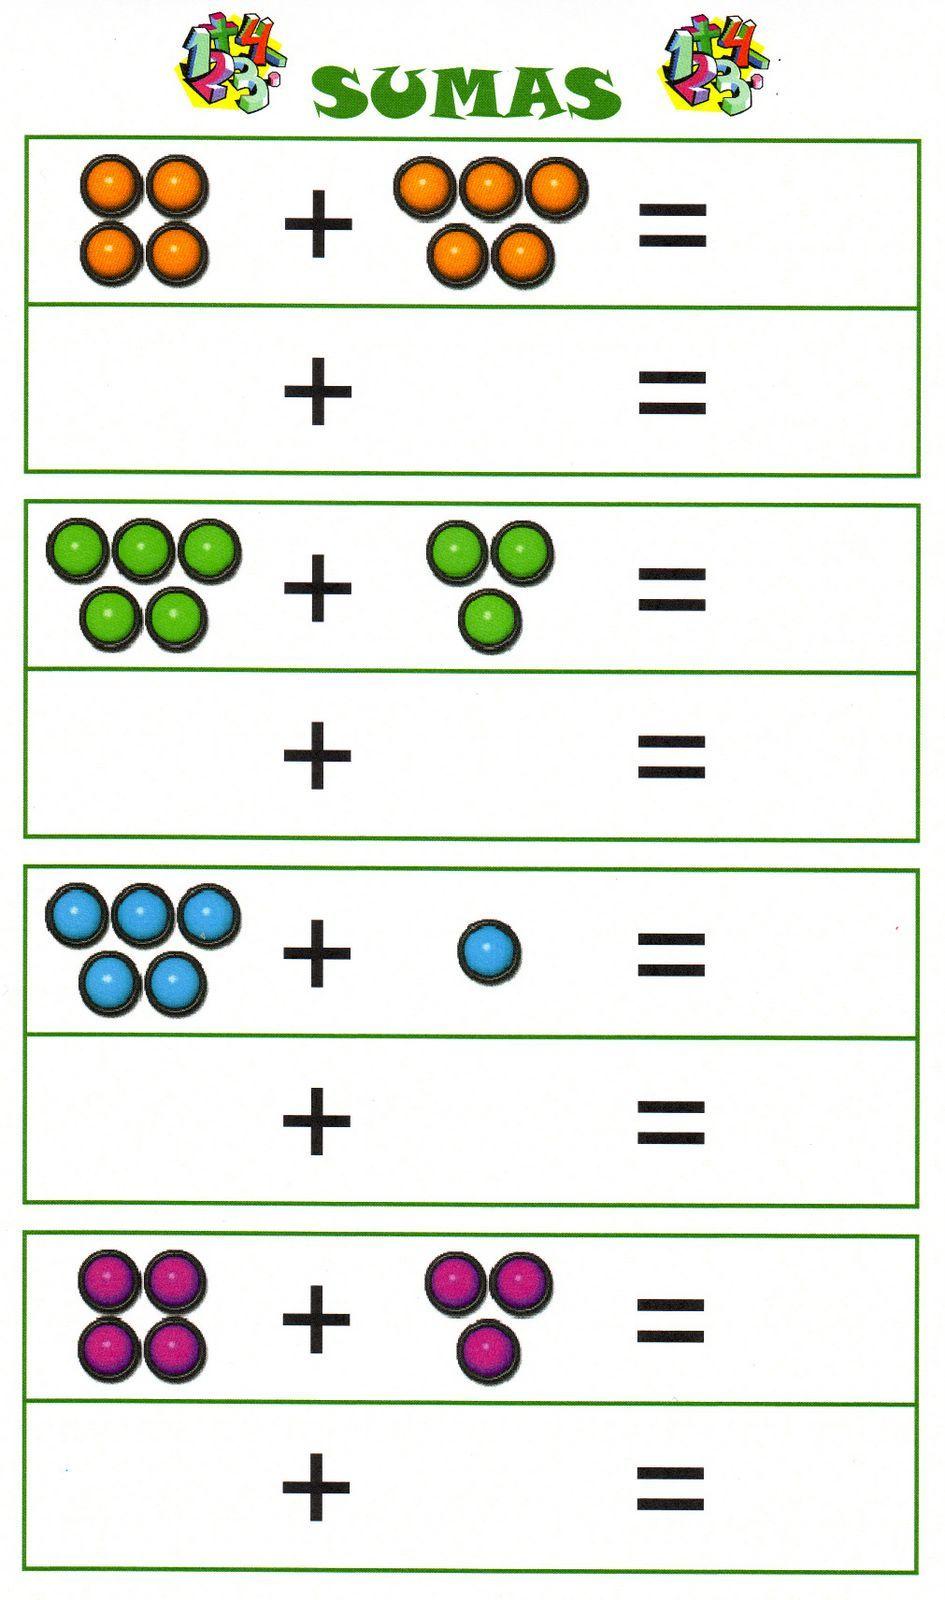 Juegos De Sumas Y Restas Quieres Aprender A Sumar Y Restar Jugand Actividades De Matemáticas Preescolares Fichas De Preescolar Matematicas Primero De Primaria